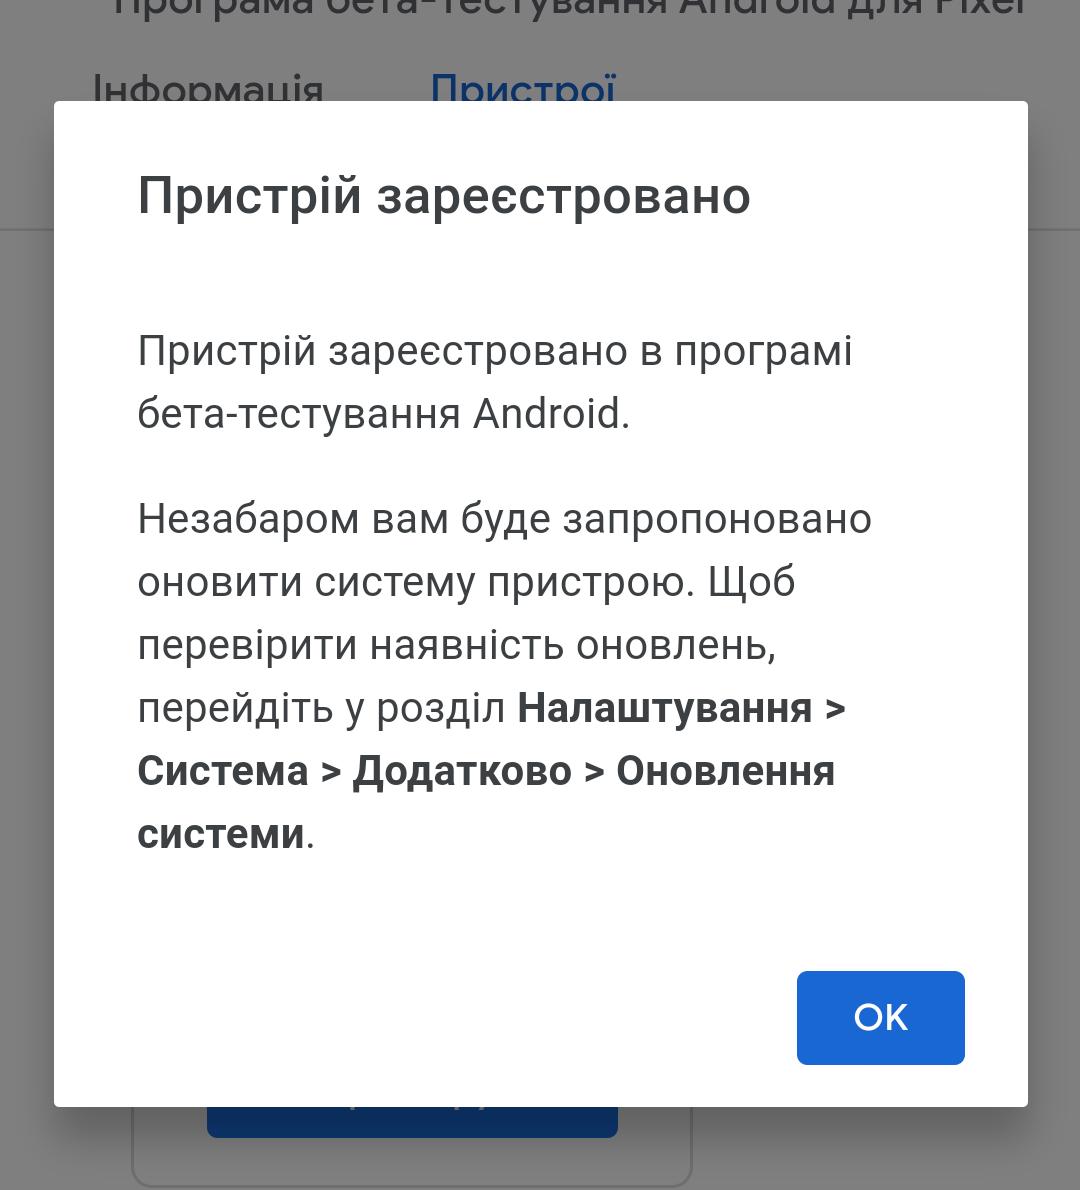 Как установить Android 11 Beta